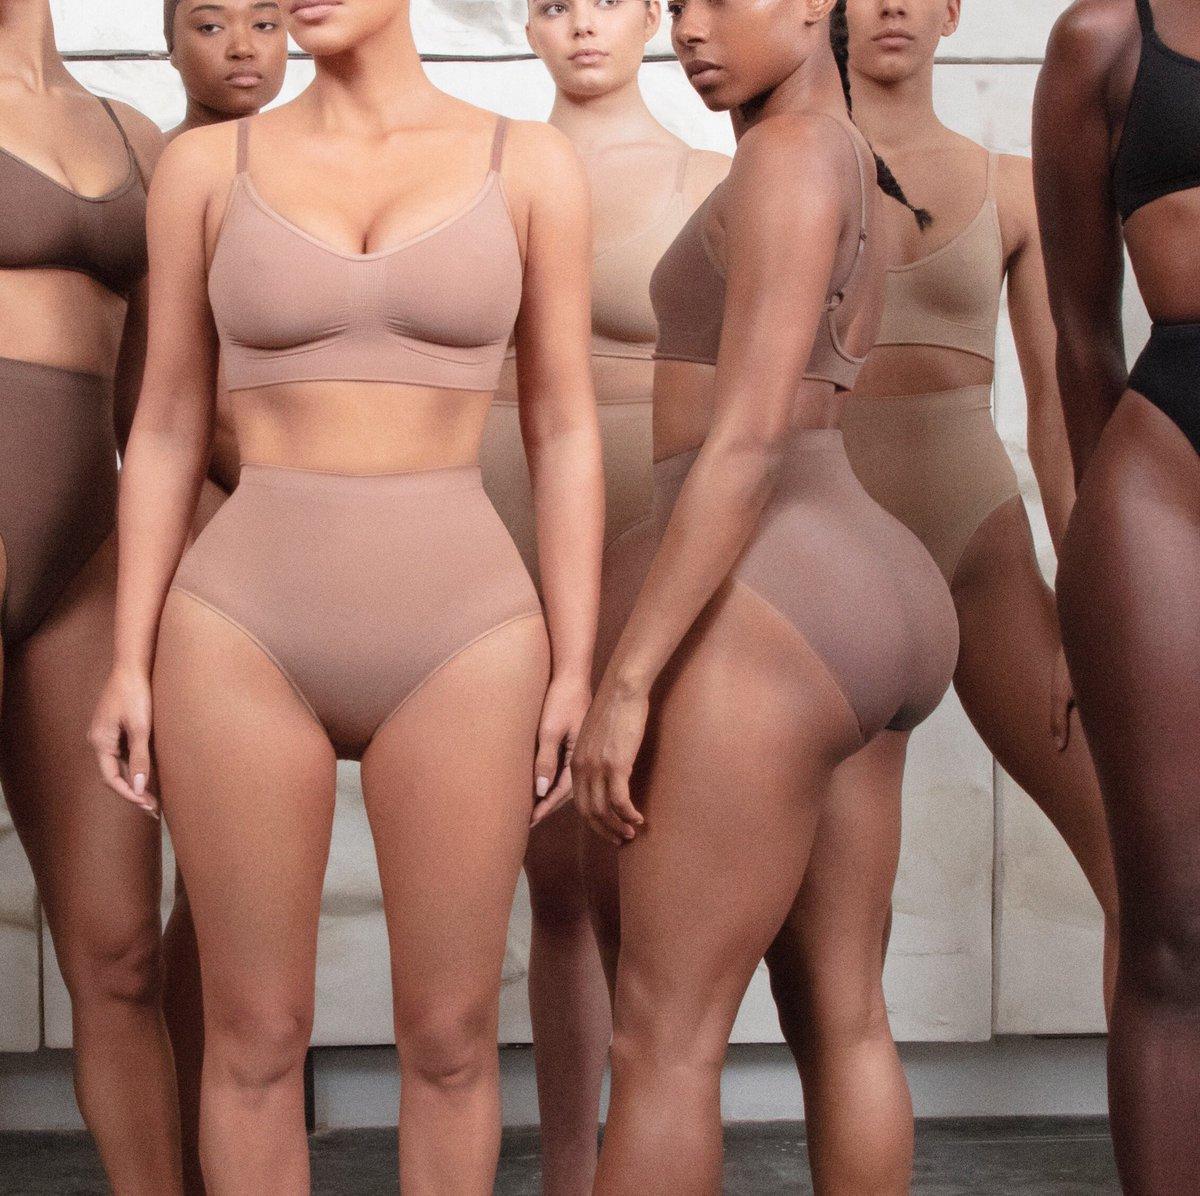 Η νέα σειρά της Κιμ Καρντάσιαν υποτίθεται πως αγκαλιάζει το γυναικείο σώμα και τονίζει τις καμπύλες του